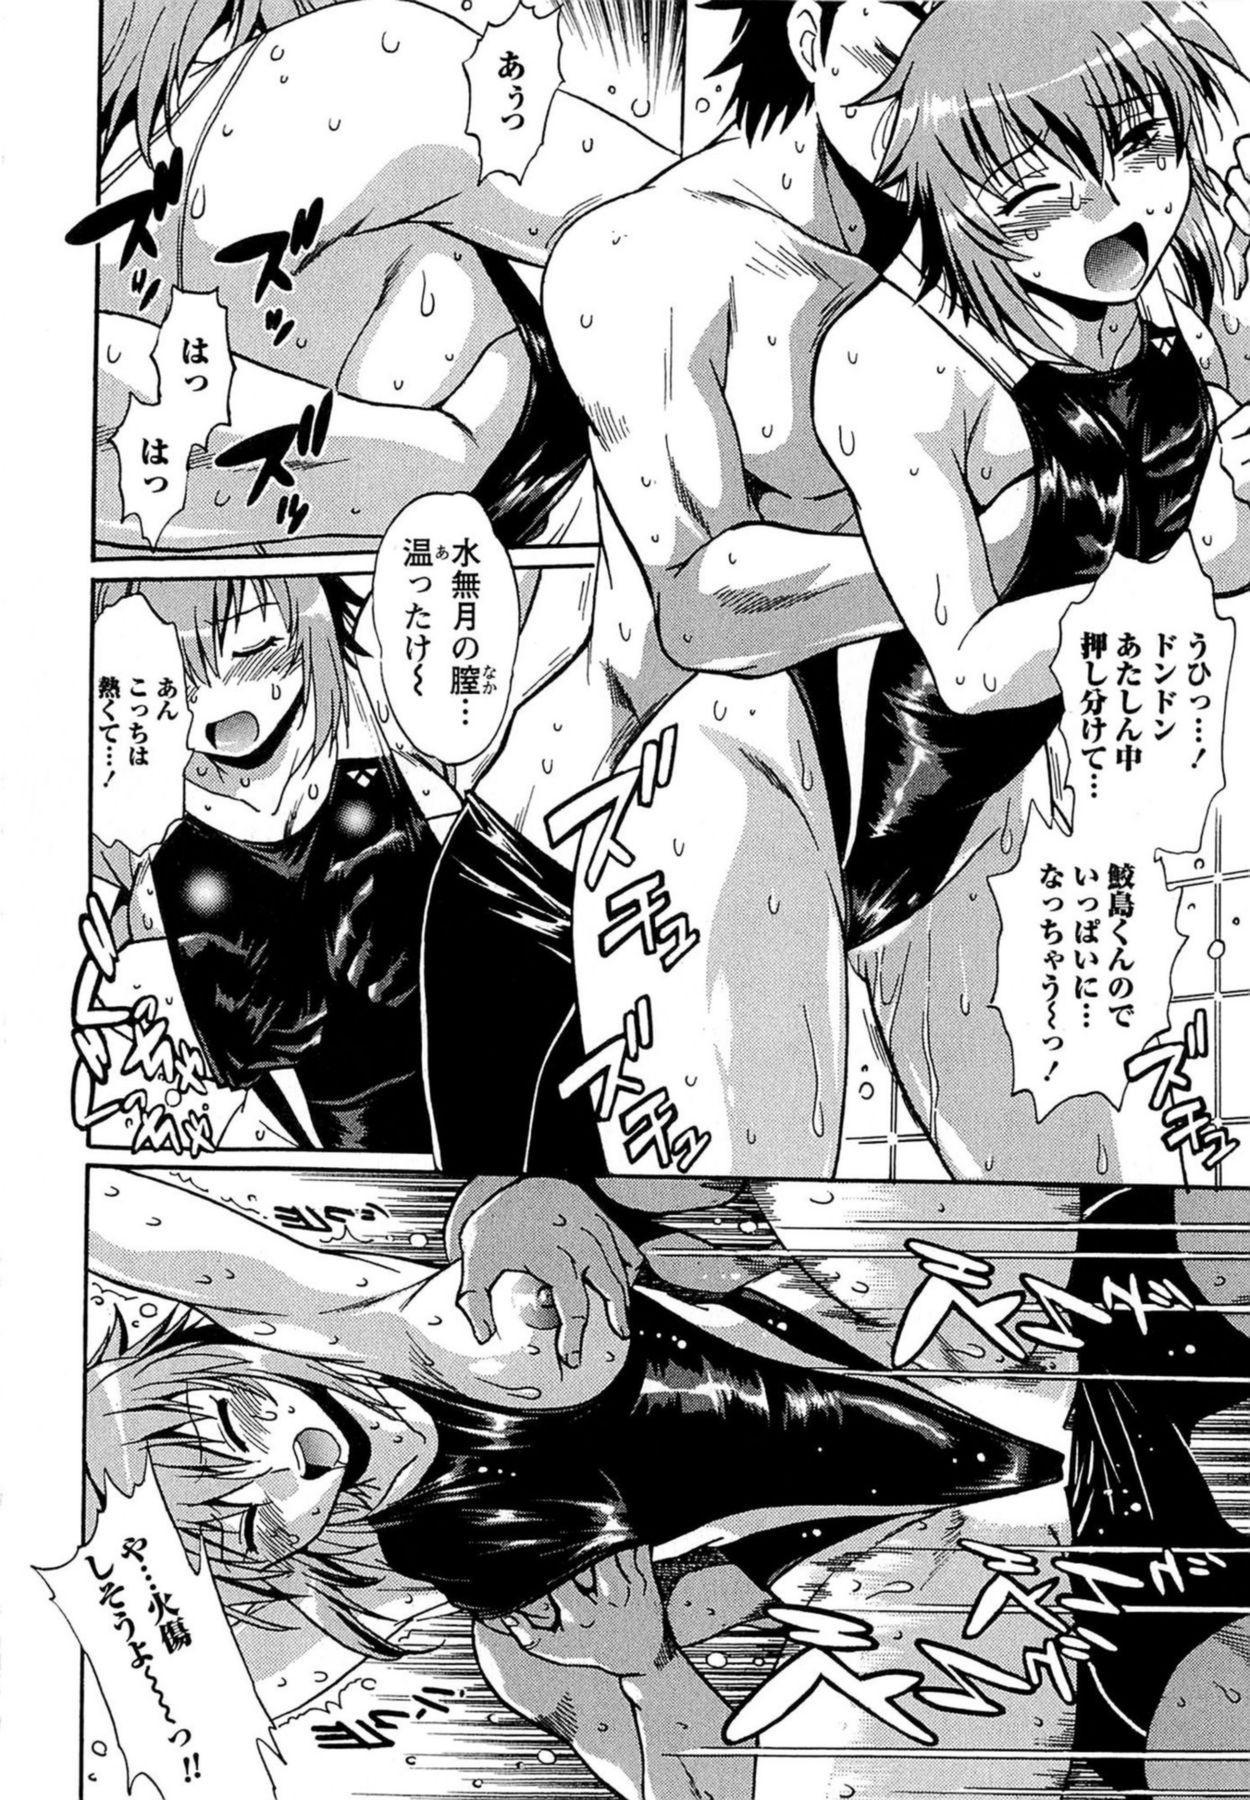 Kuikomi wo Naoshiteru Hima wa Nai! Vol. 1 32